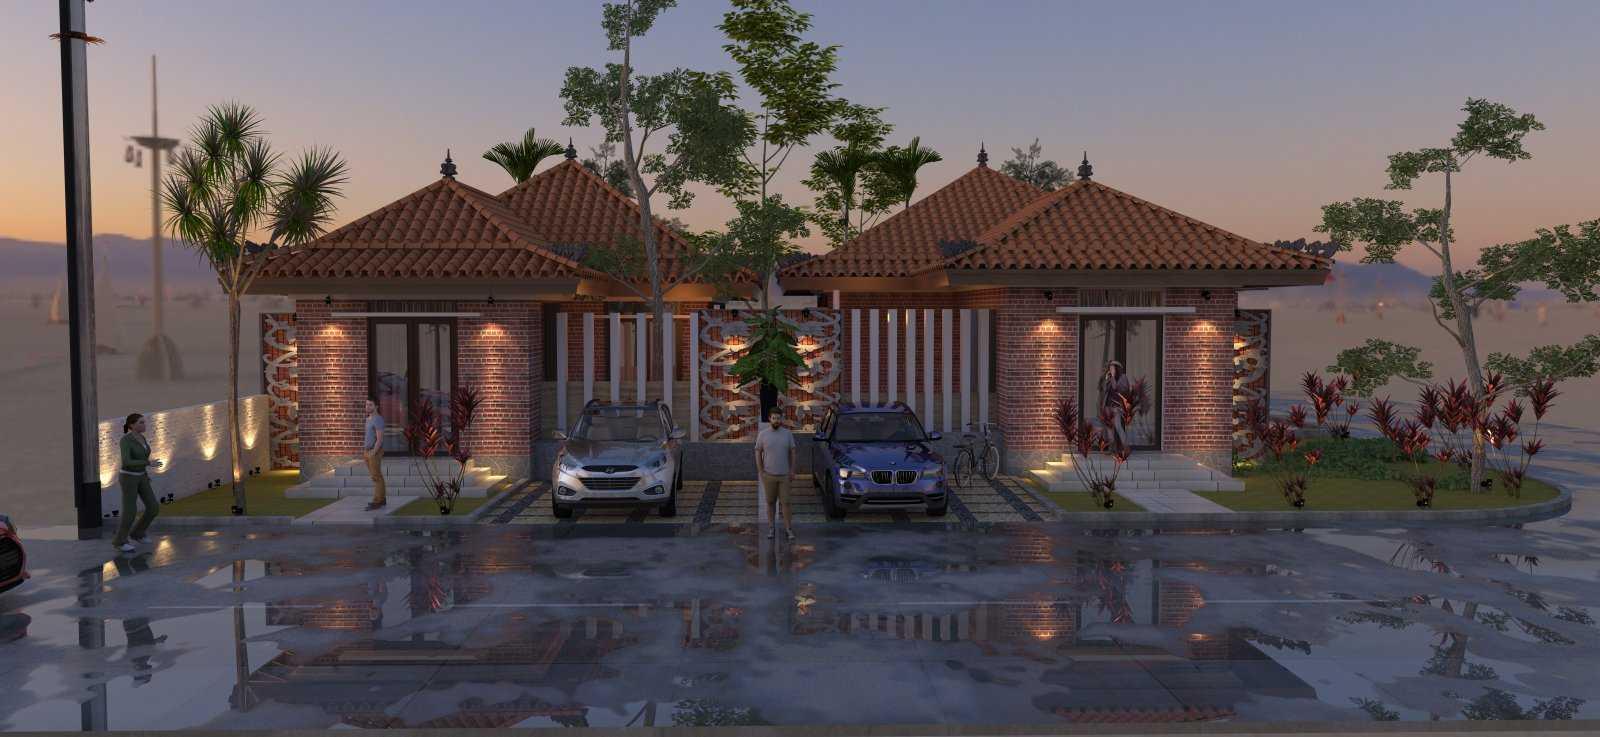 Sabio Design Balinese House, Karangasem Amlapura, Kec. Karangasem, Kabupaten Karangasem, Bali, Indonesia Amlapura, Kec. Karangasem, Kabupaten Karangasem, Bali, Indonesia Sabio-Design-Balinese-House-Karangasem  115292